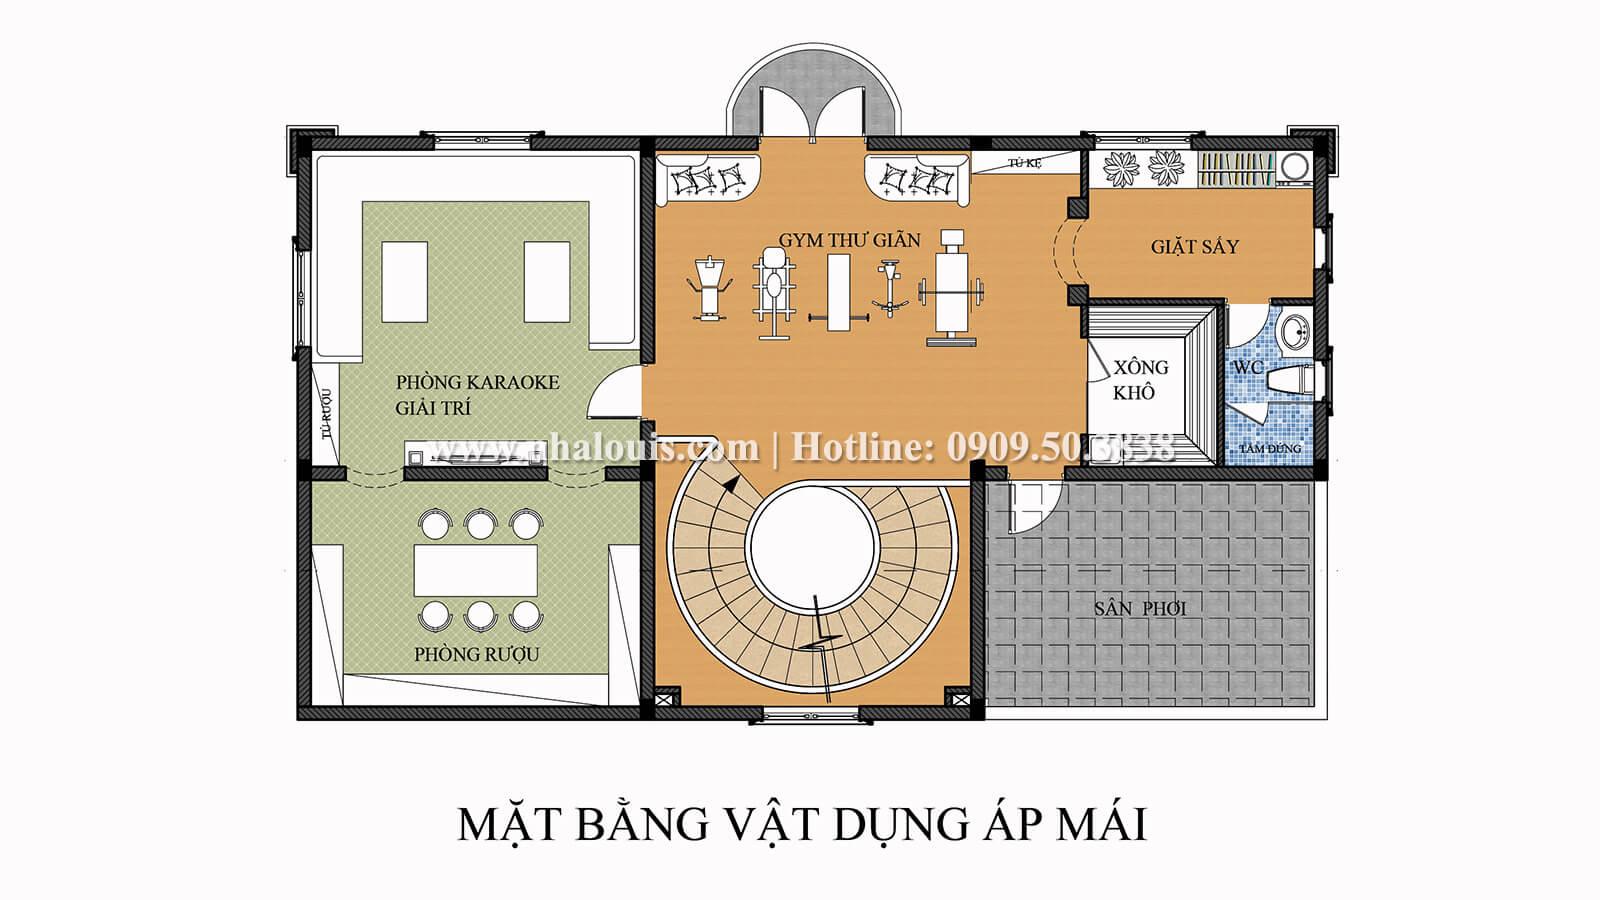 Mặt bằng áp mái Thiết kế biệt thự 9x15m cổ điển sang trọng tại Thanh Hóa